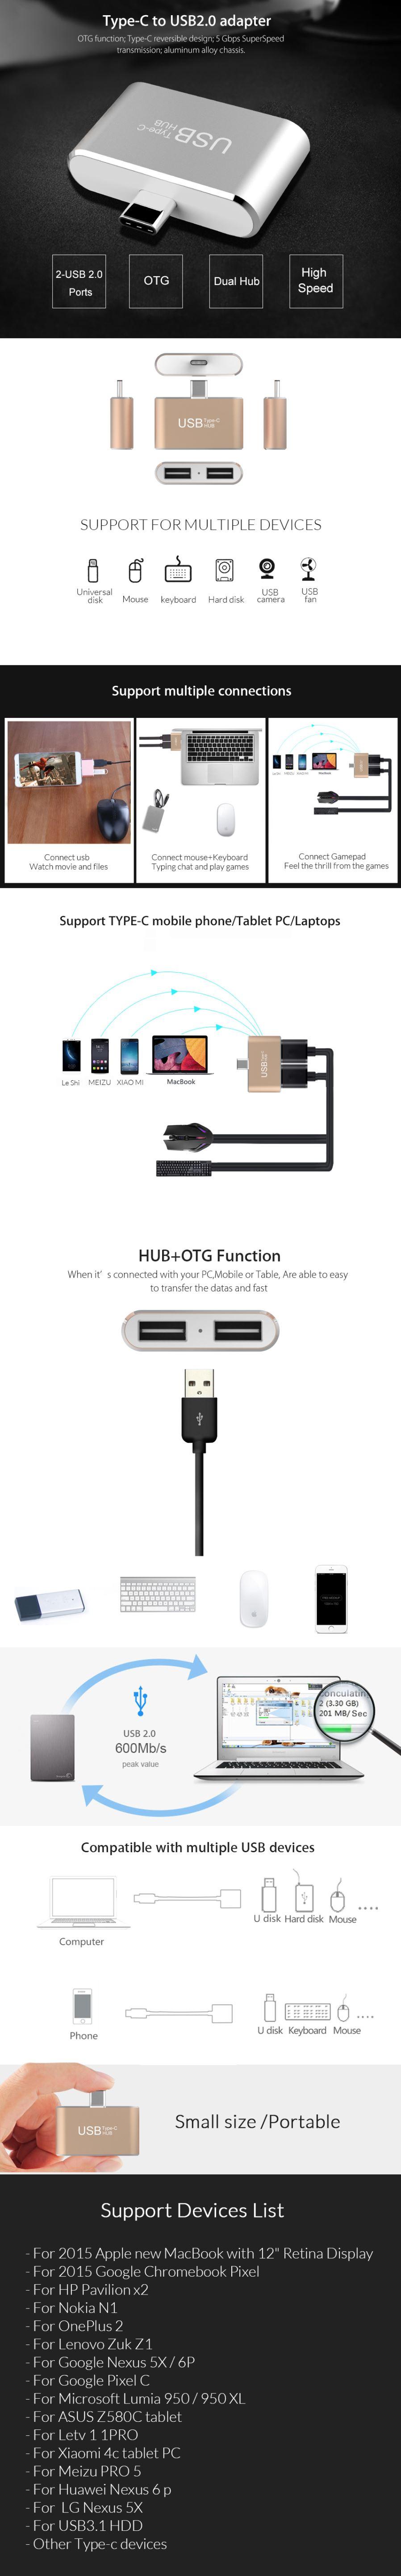 i.ibb.co/kMs8WS6/Adaptador-Conversor-Hub-USB-3-1-Tipo-C-Dual-USB-2-0-OTG.jpg